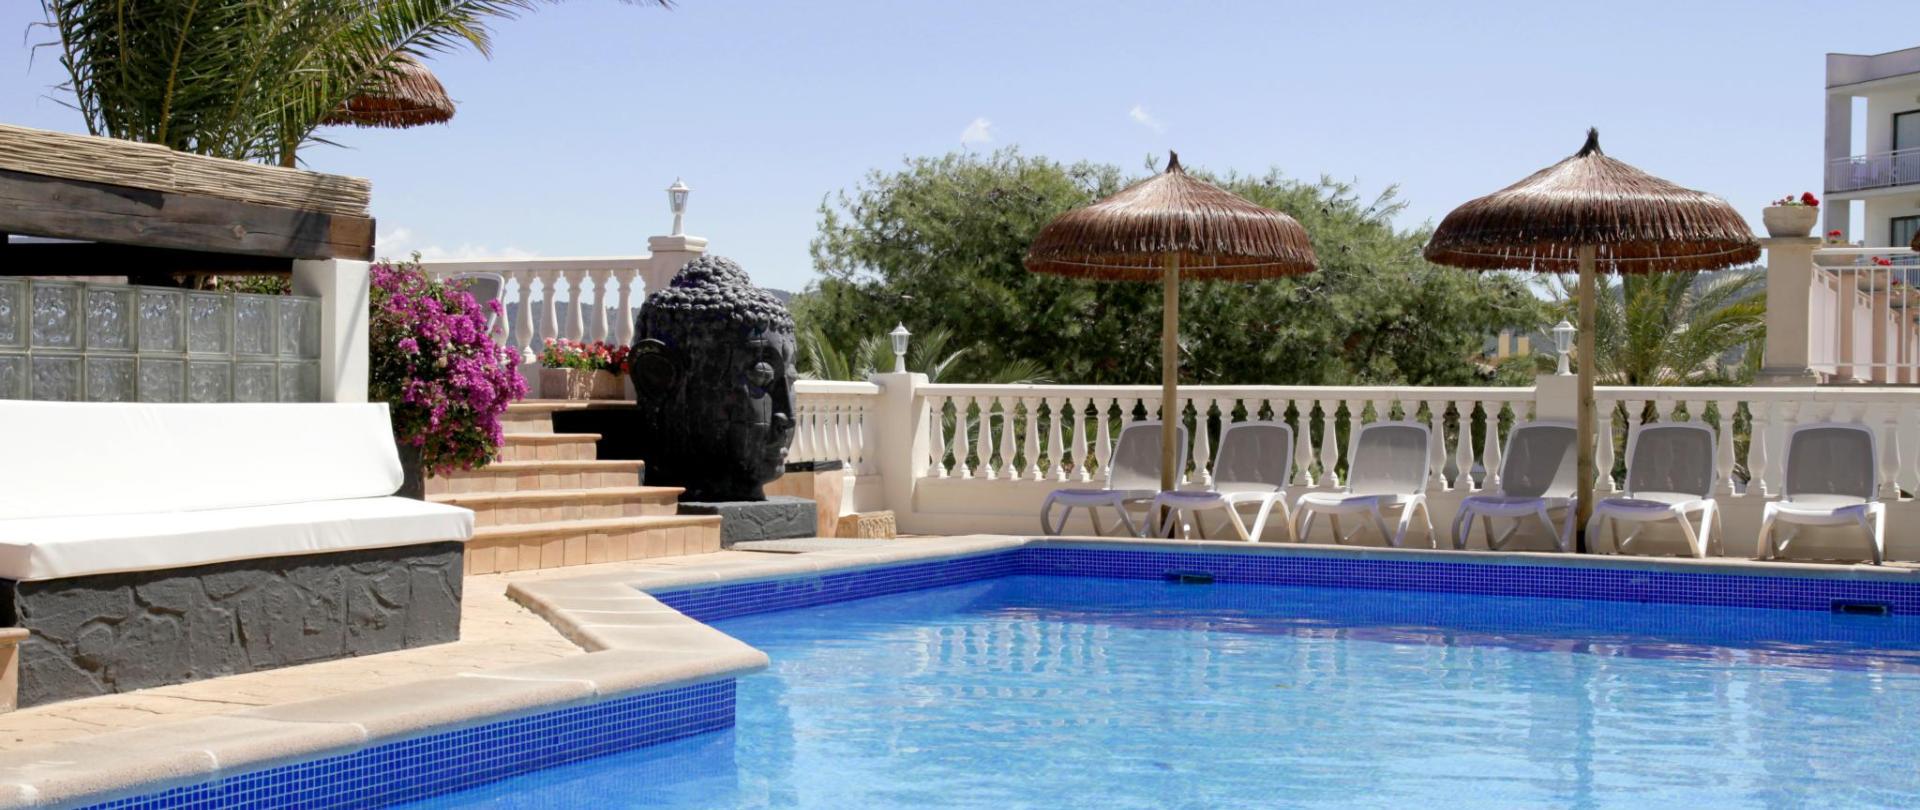 001-Hotel Bon Repos Mallorca.jpg